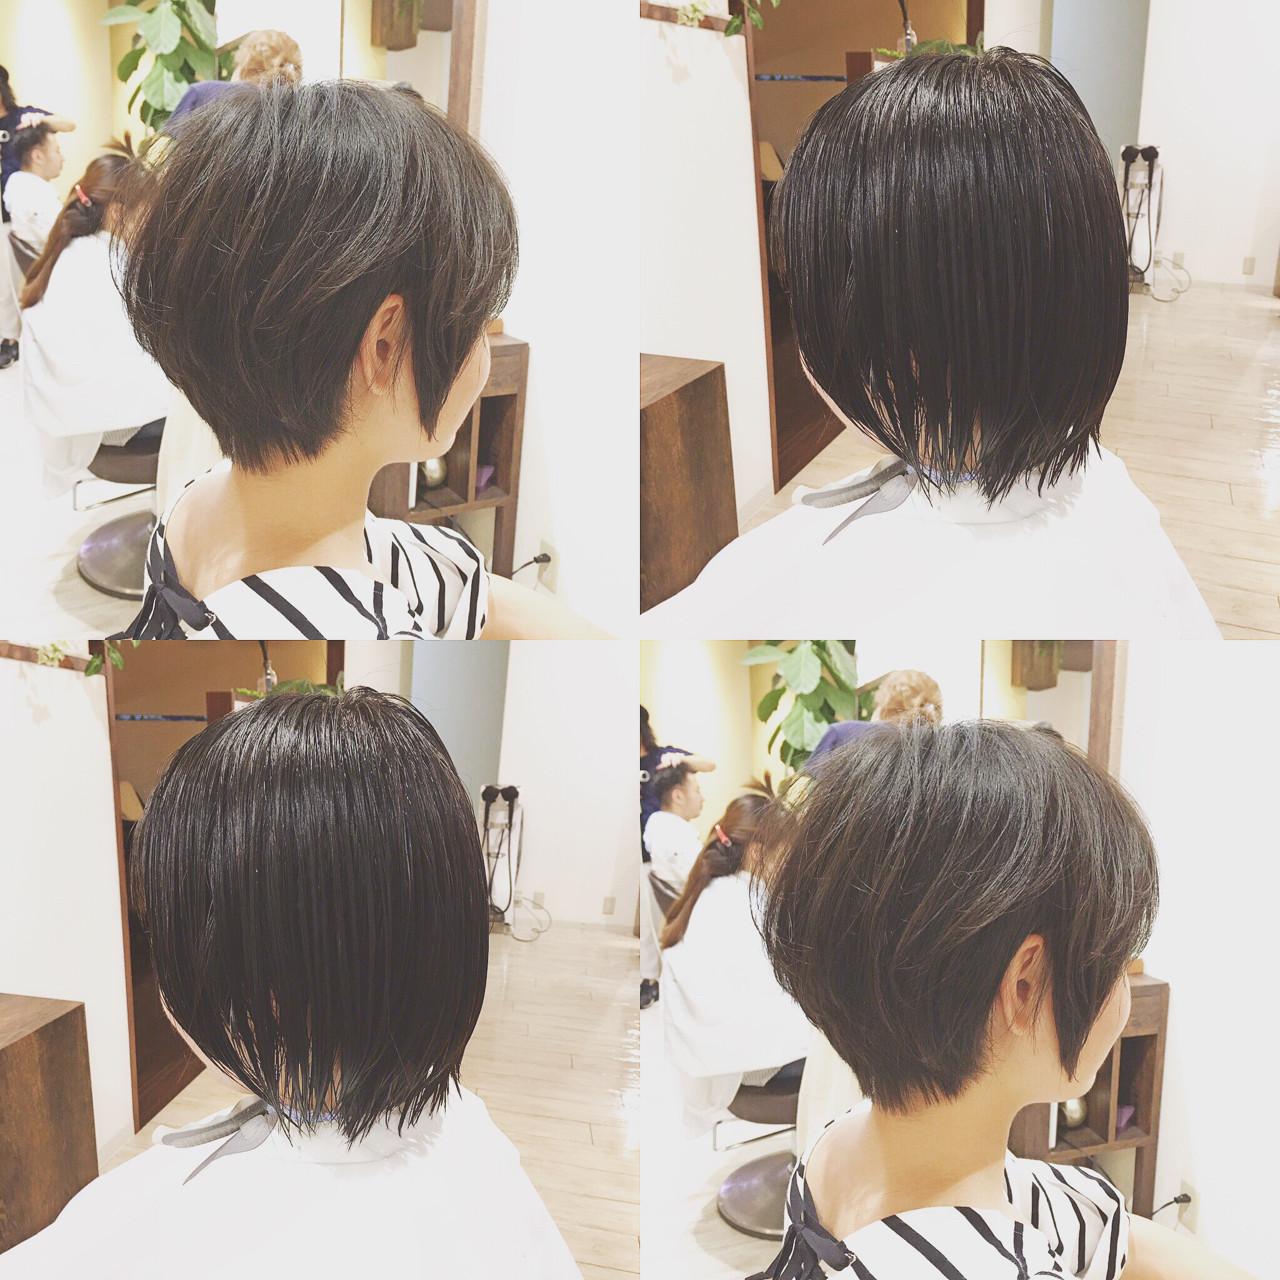 マッシュ ベリーショート ショート 黒髪 ヘアスタイルや髪型の写真・画像